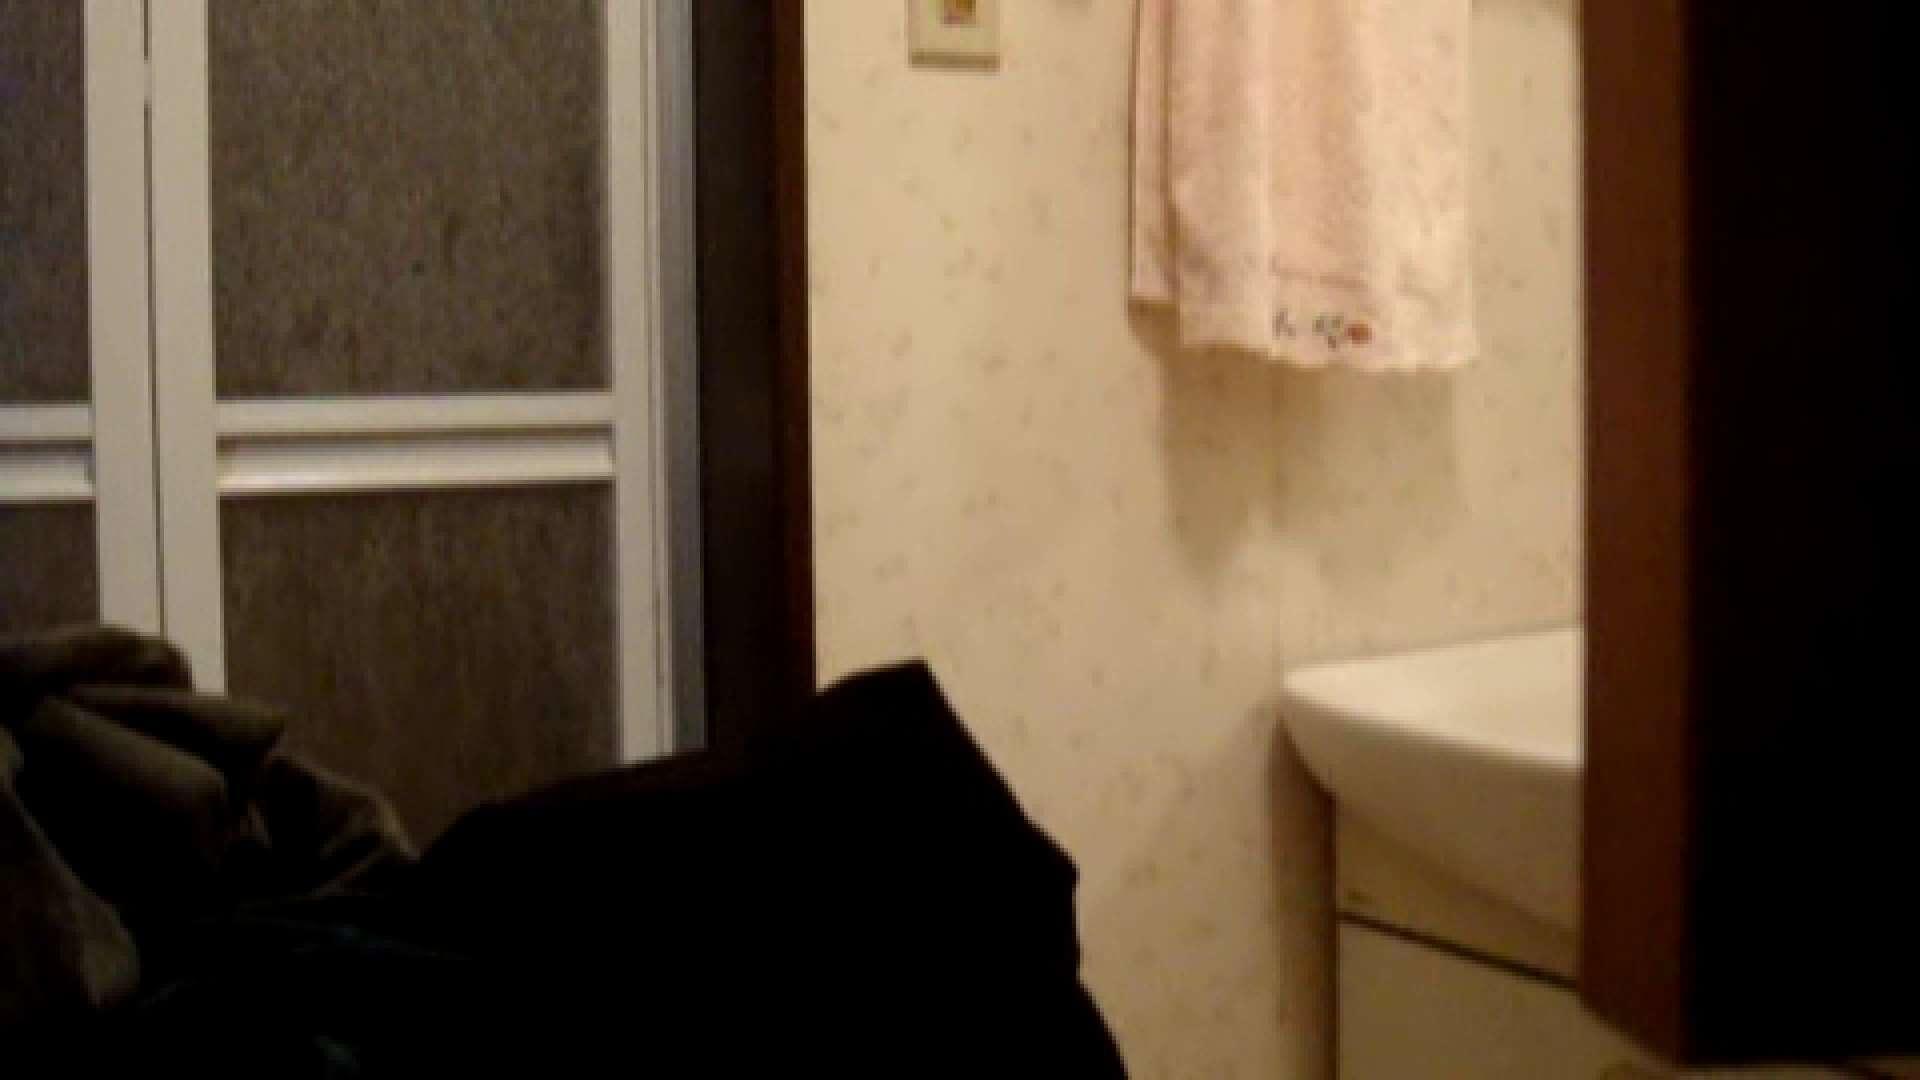 二人とも育てた甲斐がありました… vol.08 まどかの入浴中にカメラに気付いたか!? 入浴   0  84PIX 25